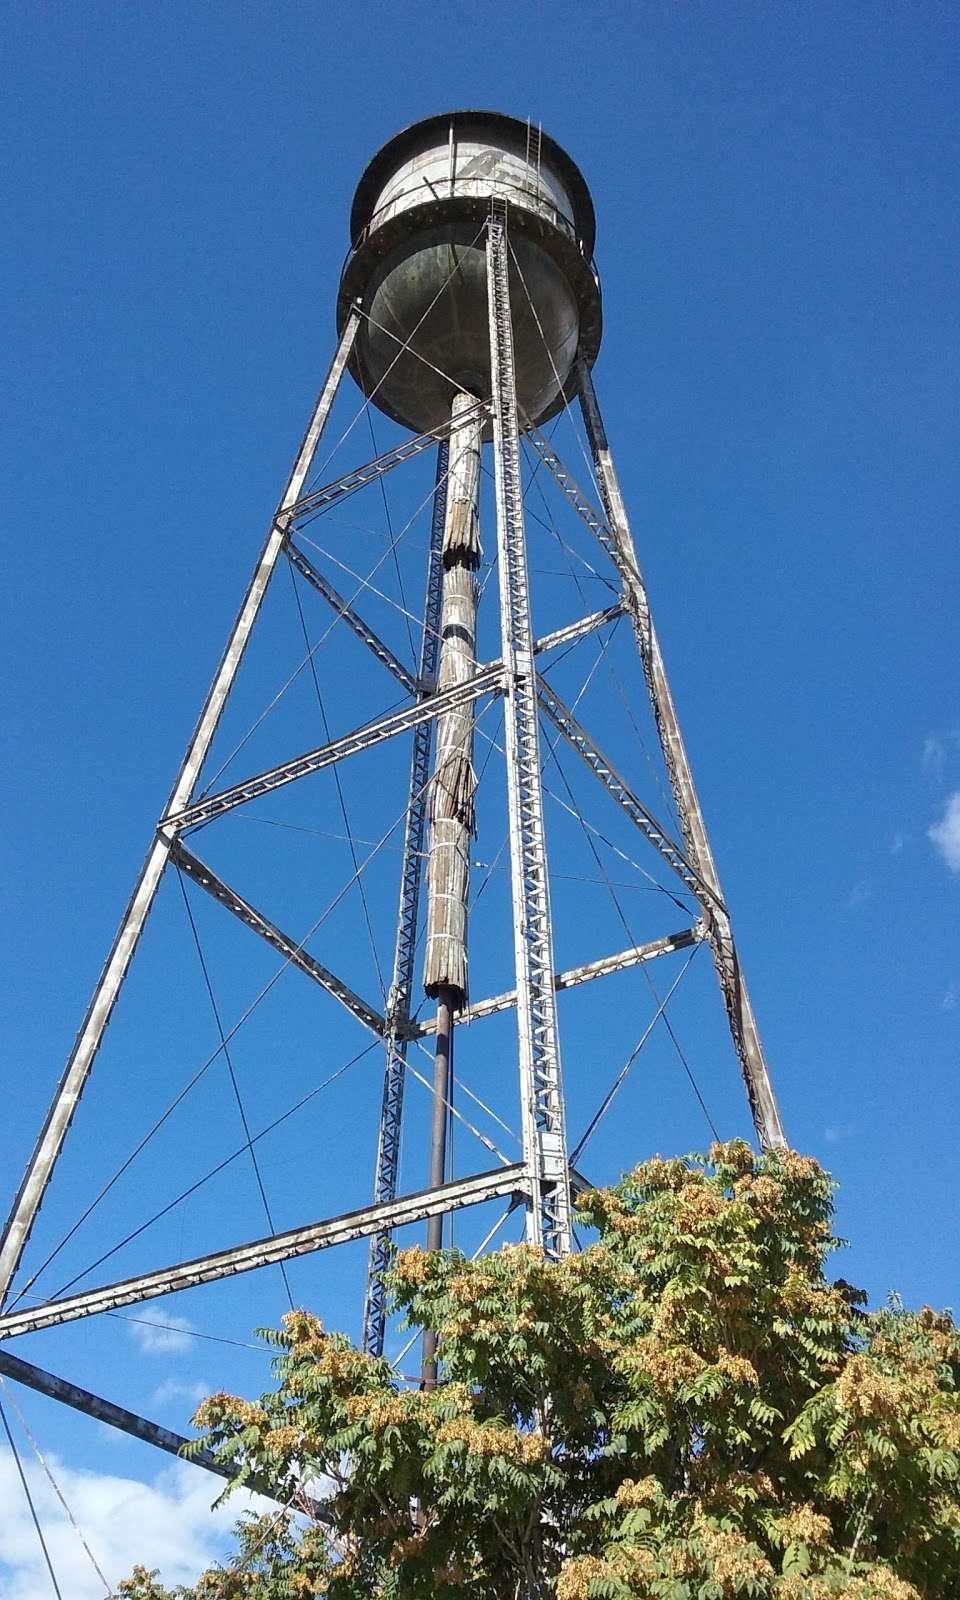 Carpio Sanguinette Park - park  | Photo 10 of 10 | Address: 1400 53rd Ave, Denver, CO 80216, USA | Phone: (720) 913-1311